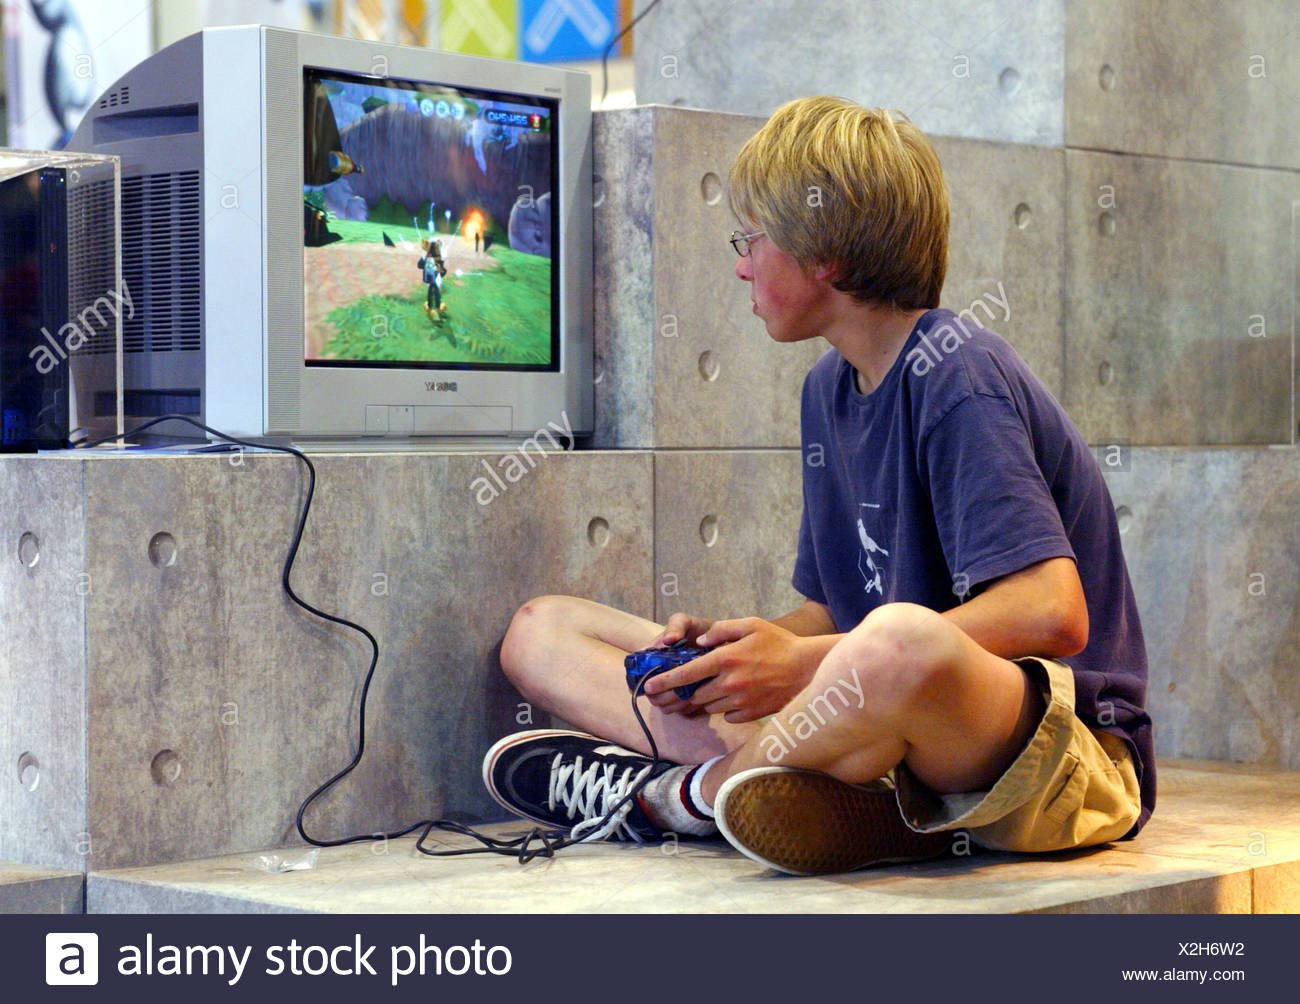 Nino Jugando Con La Playstation 2 De Sony En La Feria Foto Imagen